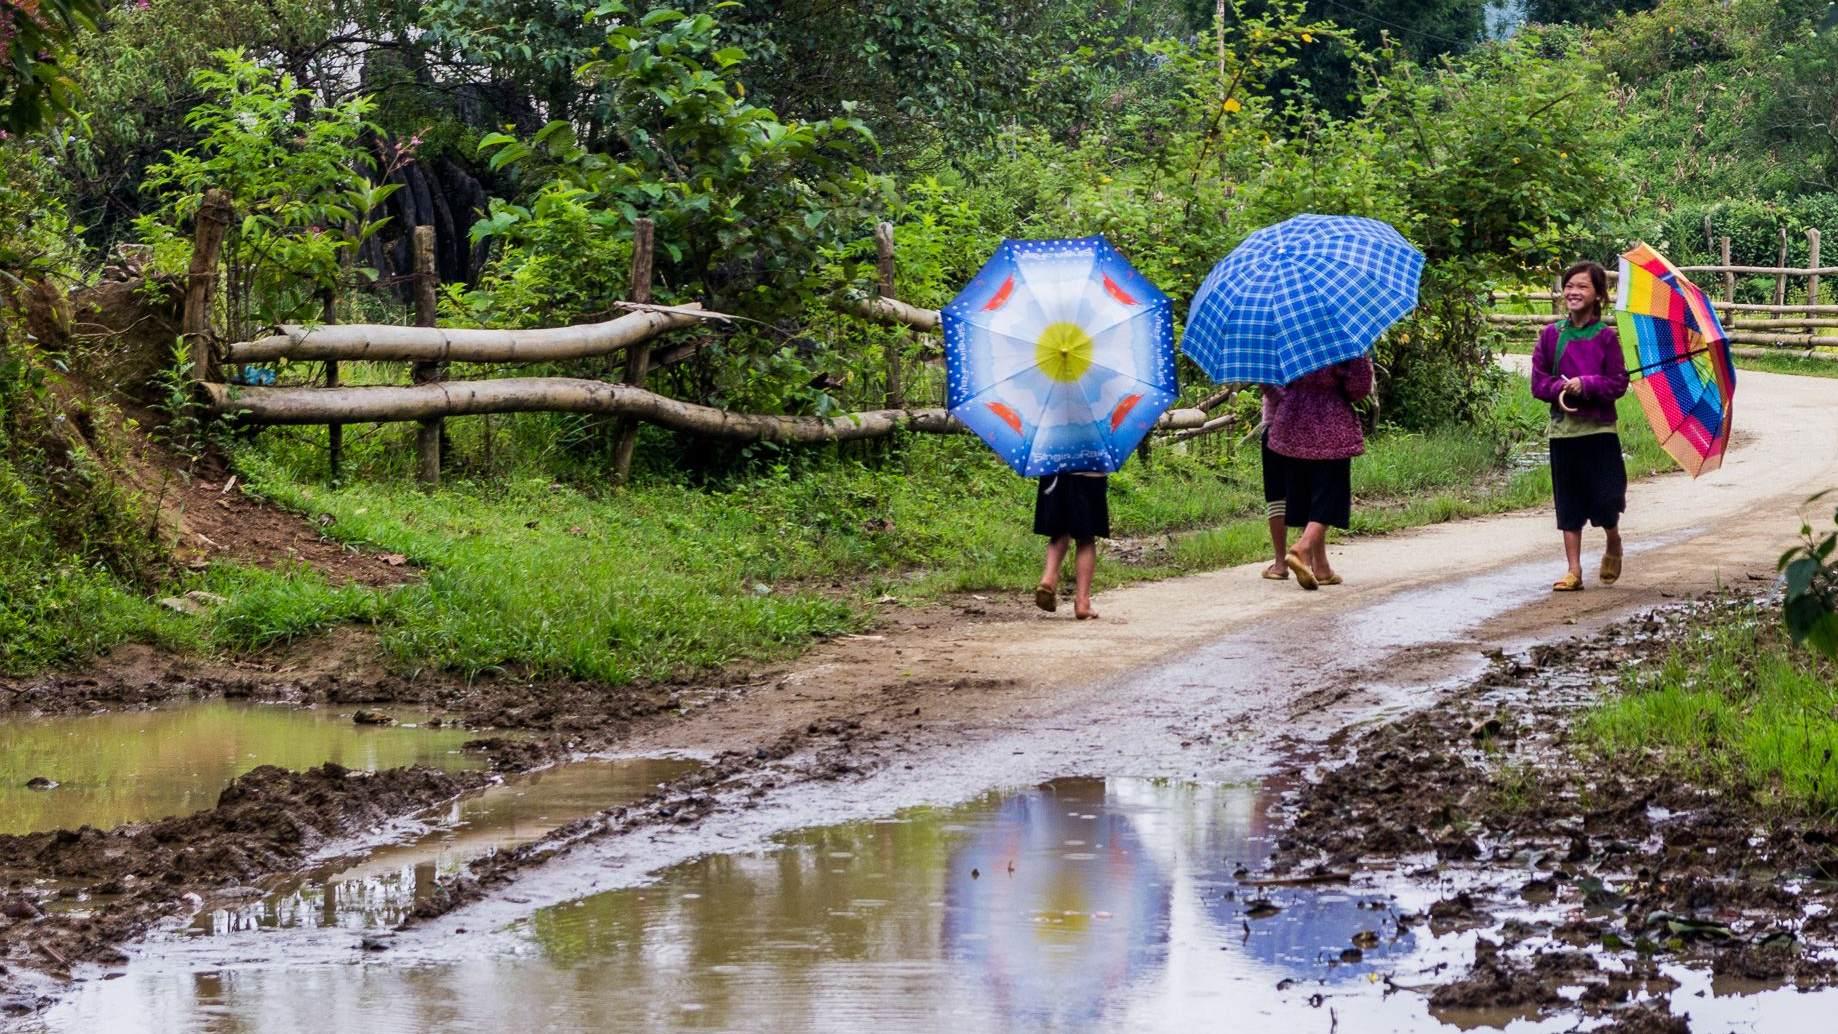 Vietnam 24 - Cesta přes Lao Cai do Sapa a první průzkum okolí